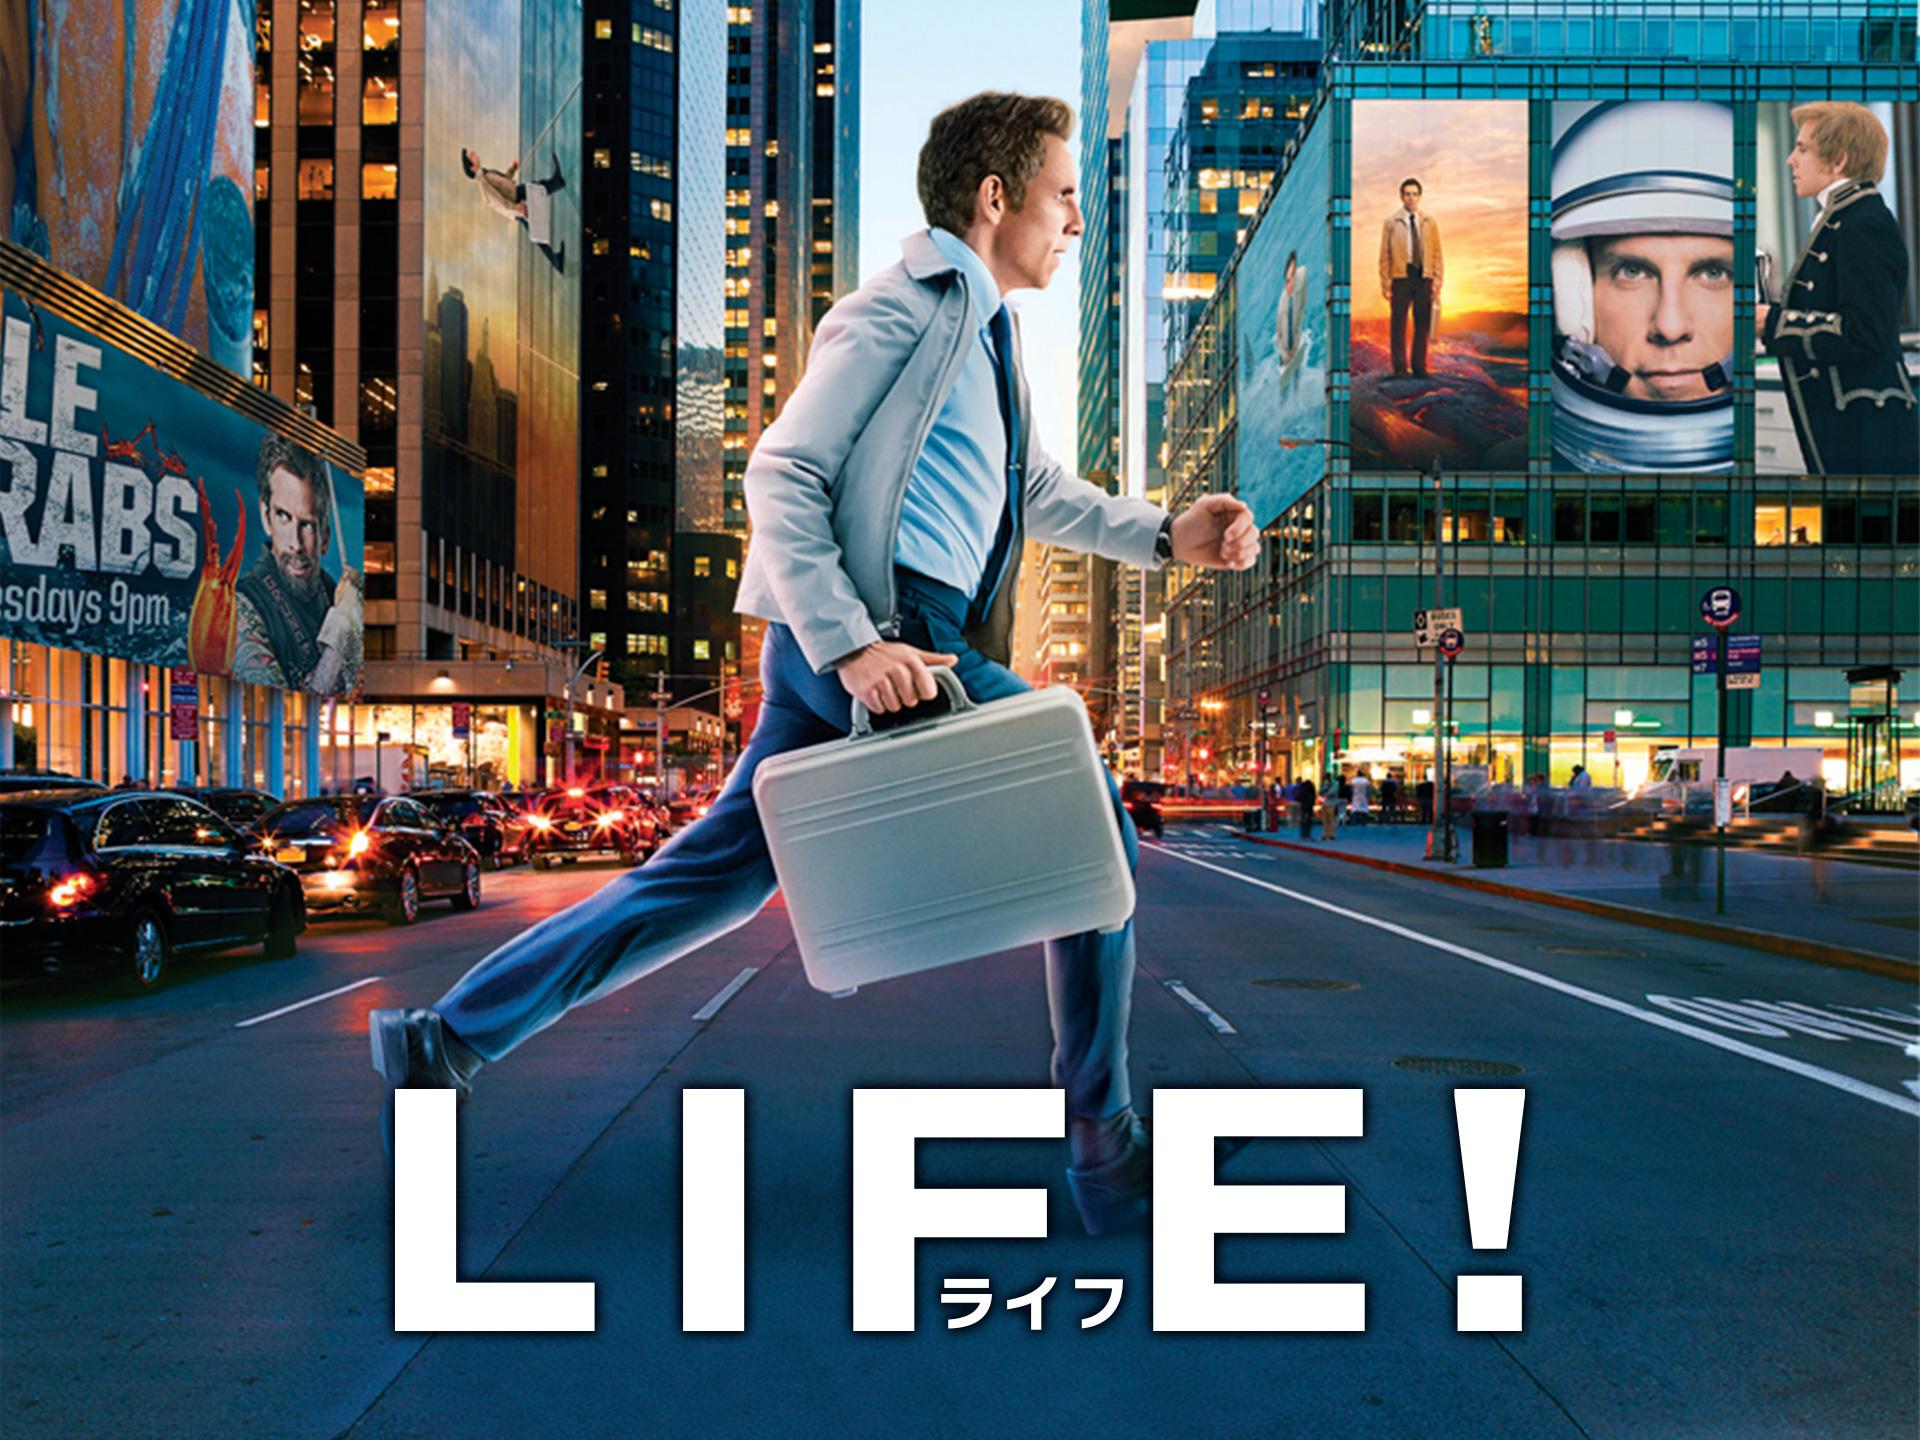 映画『LIFE!/ライフ』の動画  【初月無料】動画配信サービスのビデオマーケット